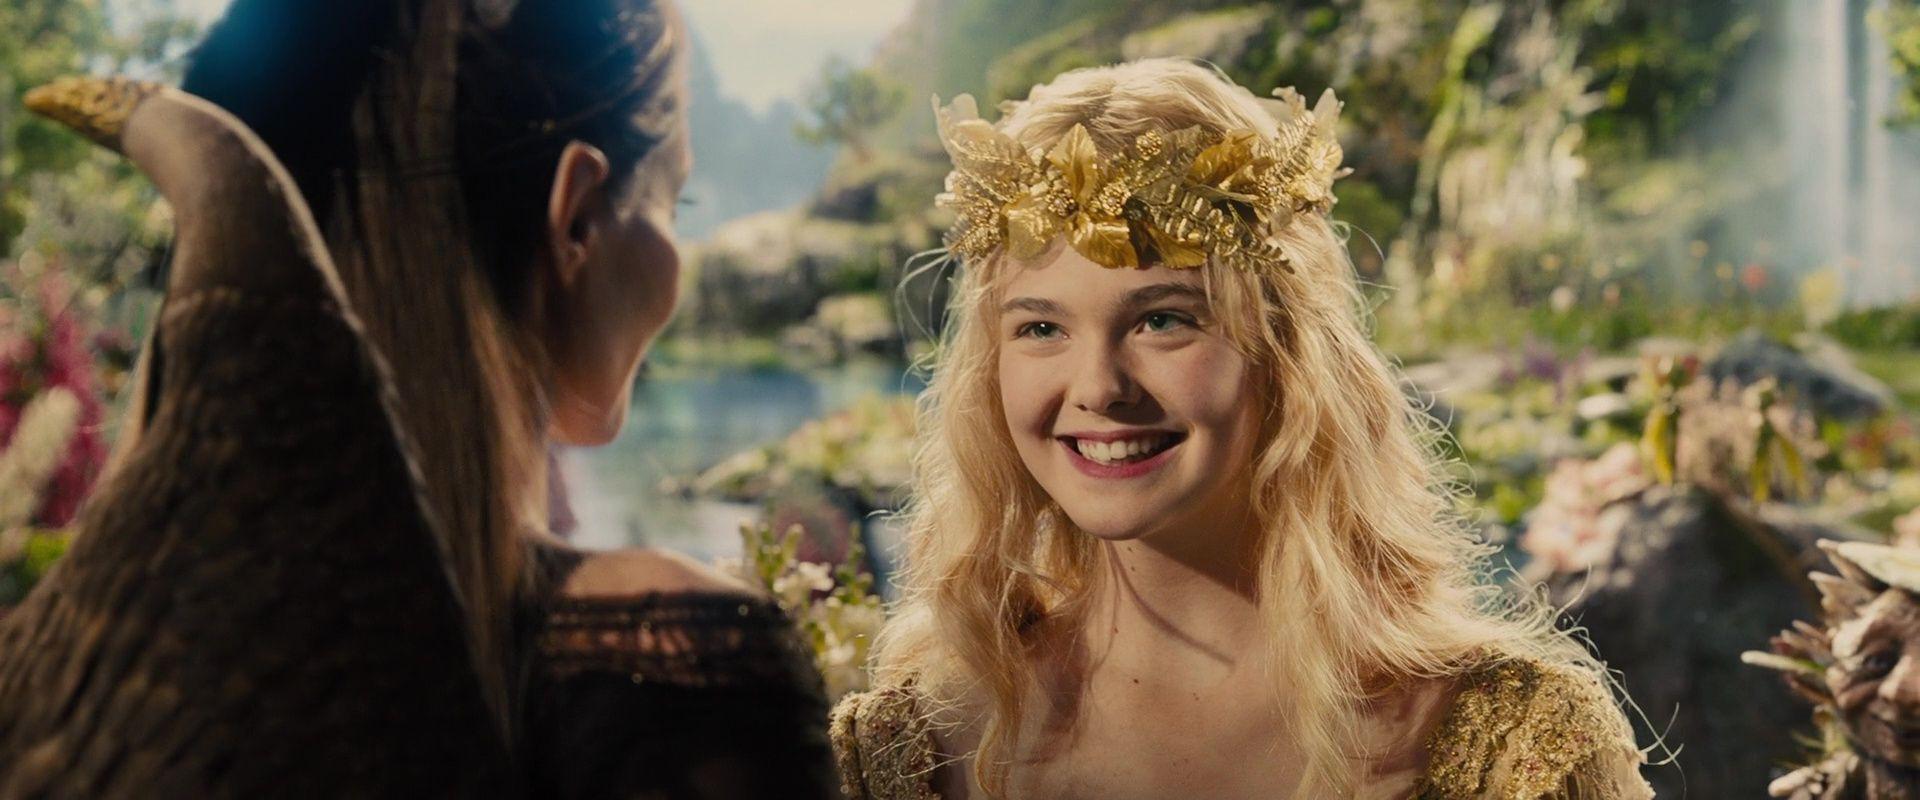 Nhan sắc 4 nàng công chúa Disney trong phim và đời thực: Emma Watson gây thất vọng giữa dà ngọc quý đẹp lạ - Ảnh 16.